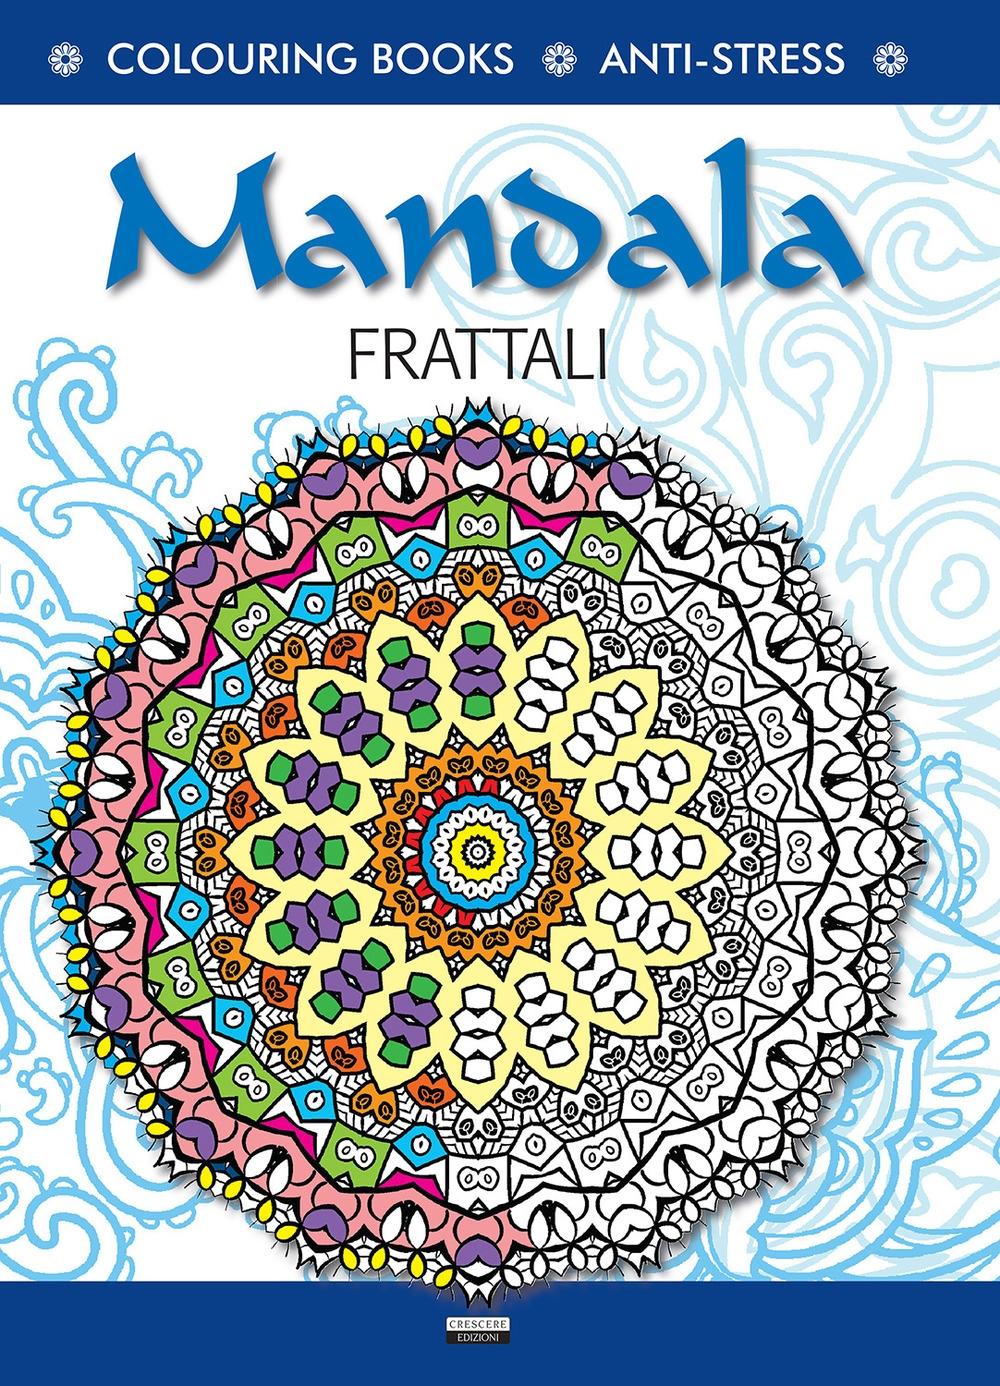 Mandala l'energia dei frattali. Antistress.